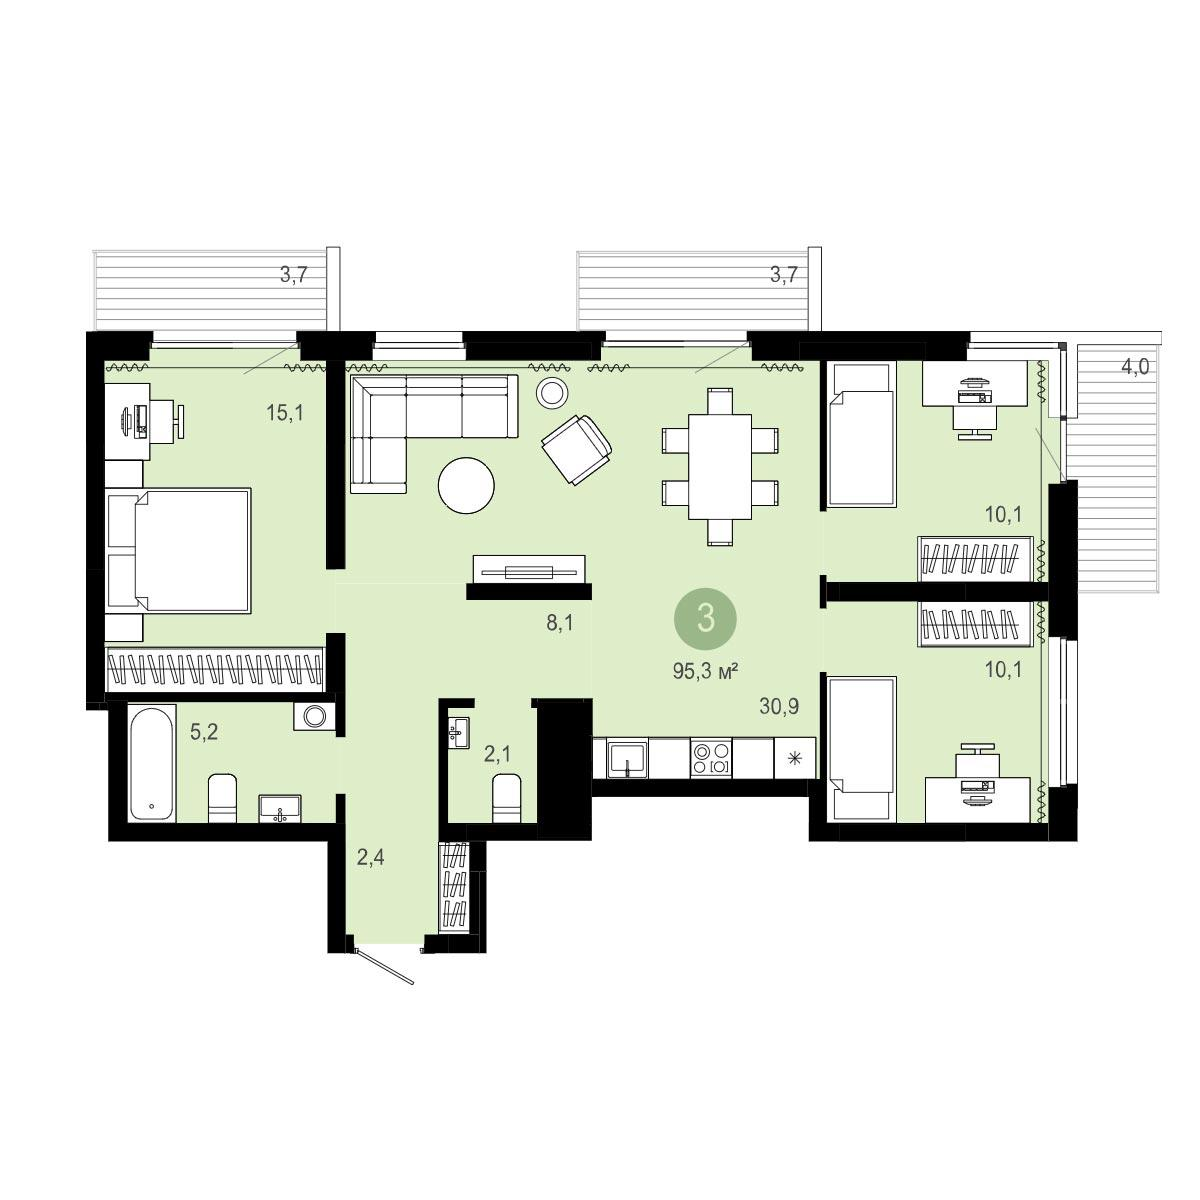 Планировка 4-комнатная площадью 95.3 м<sup>2</sup> в ЖК Европейский Берег